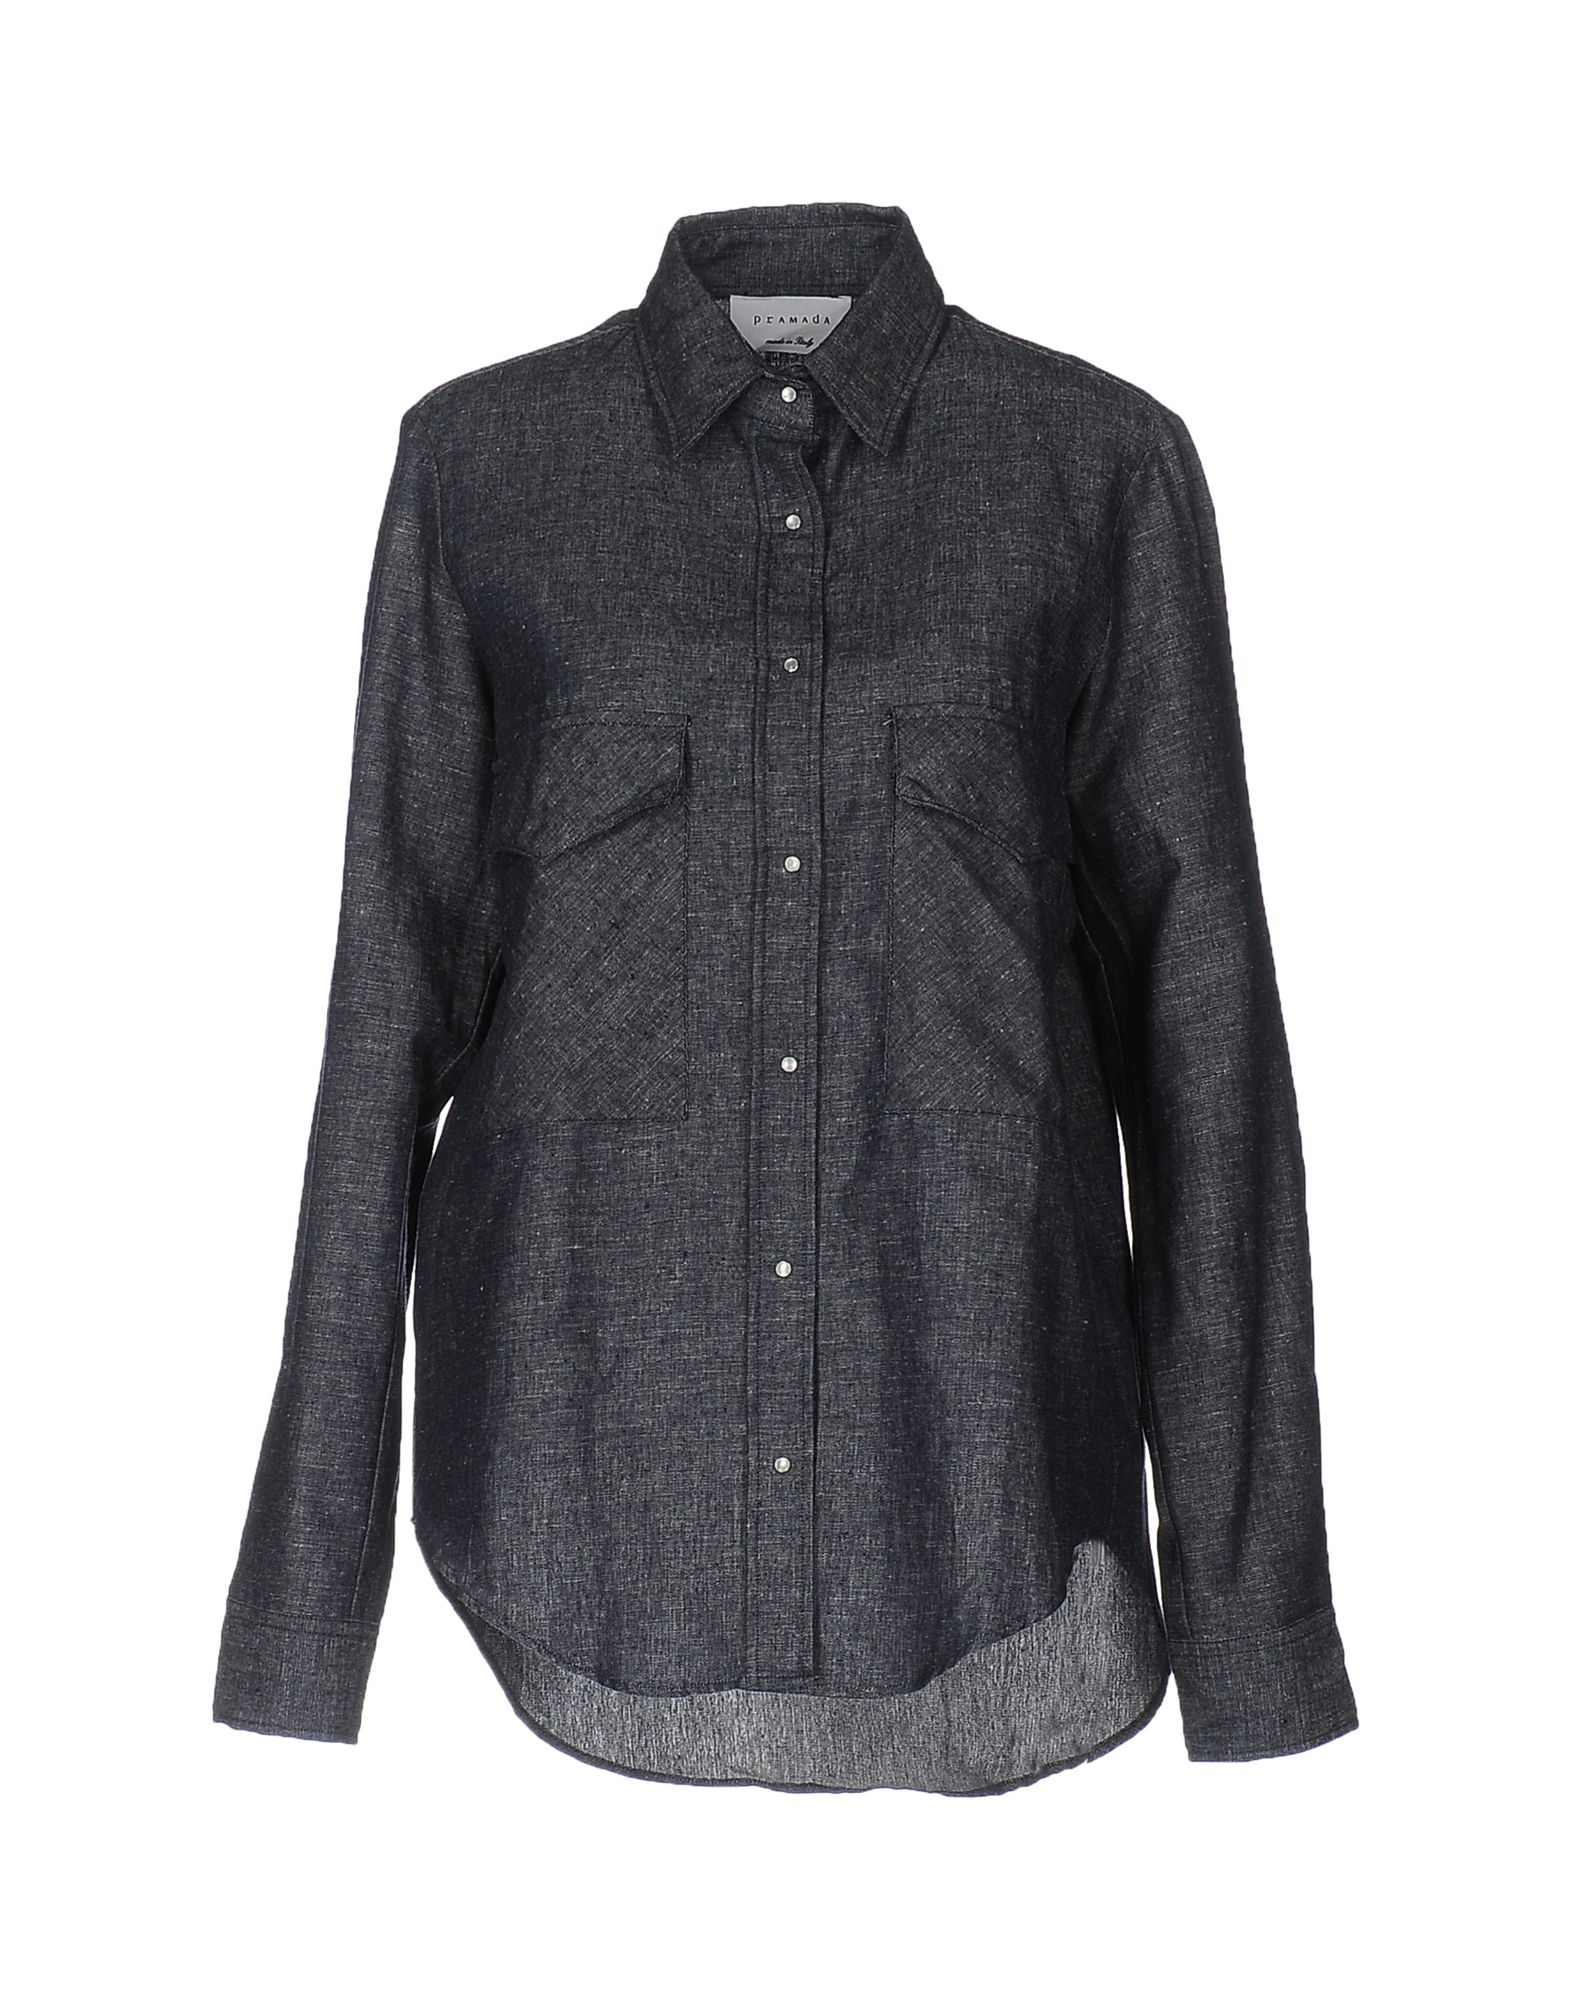 купить PRAMADA Джинсовая рубашка по цене 2500 рублей